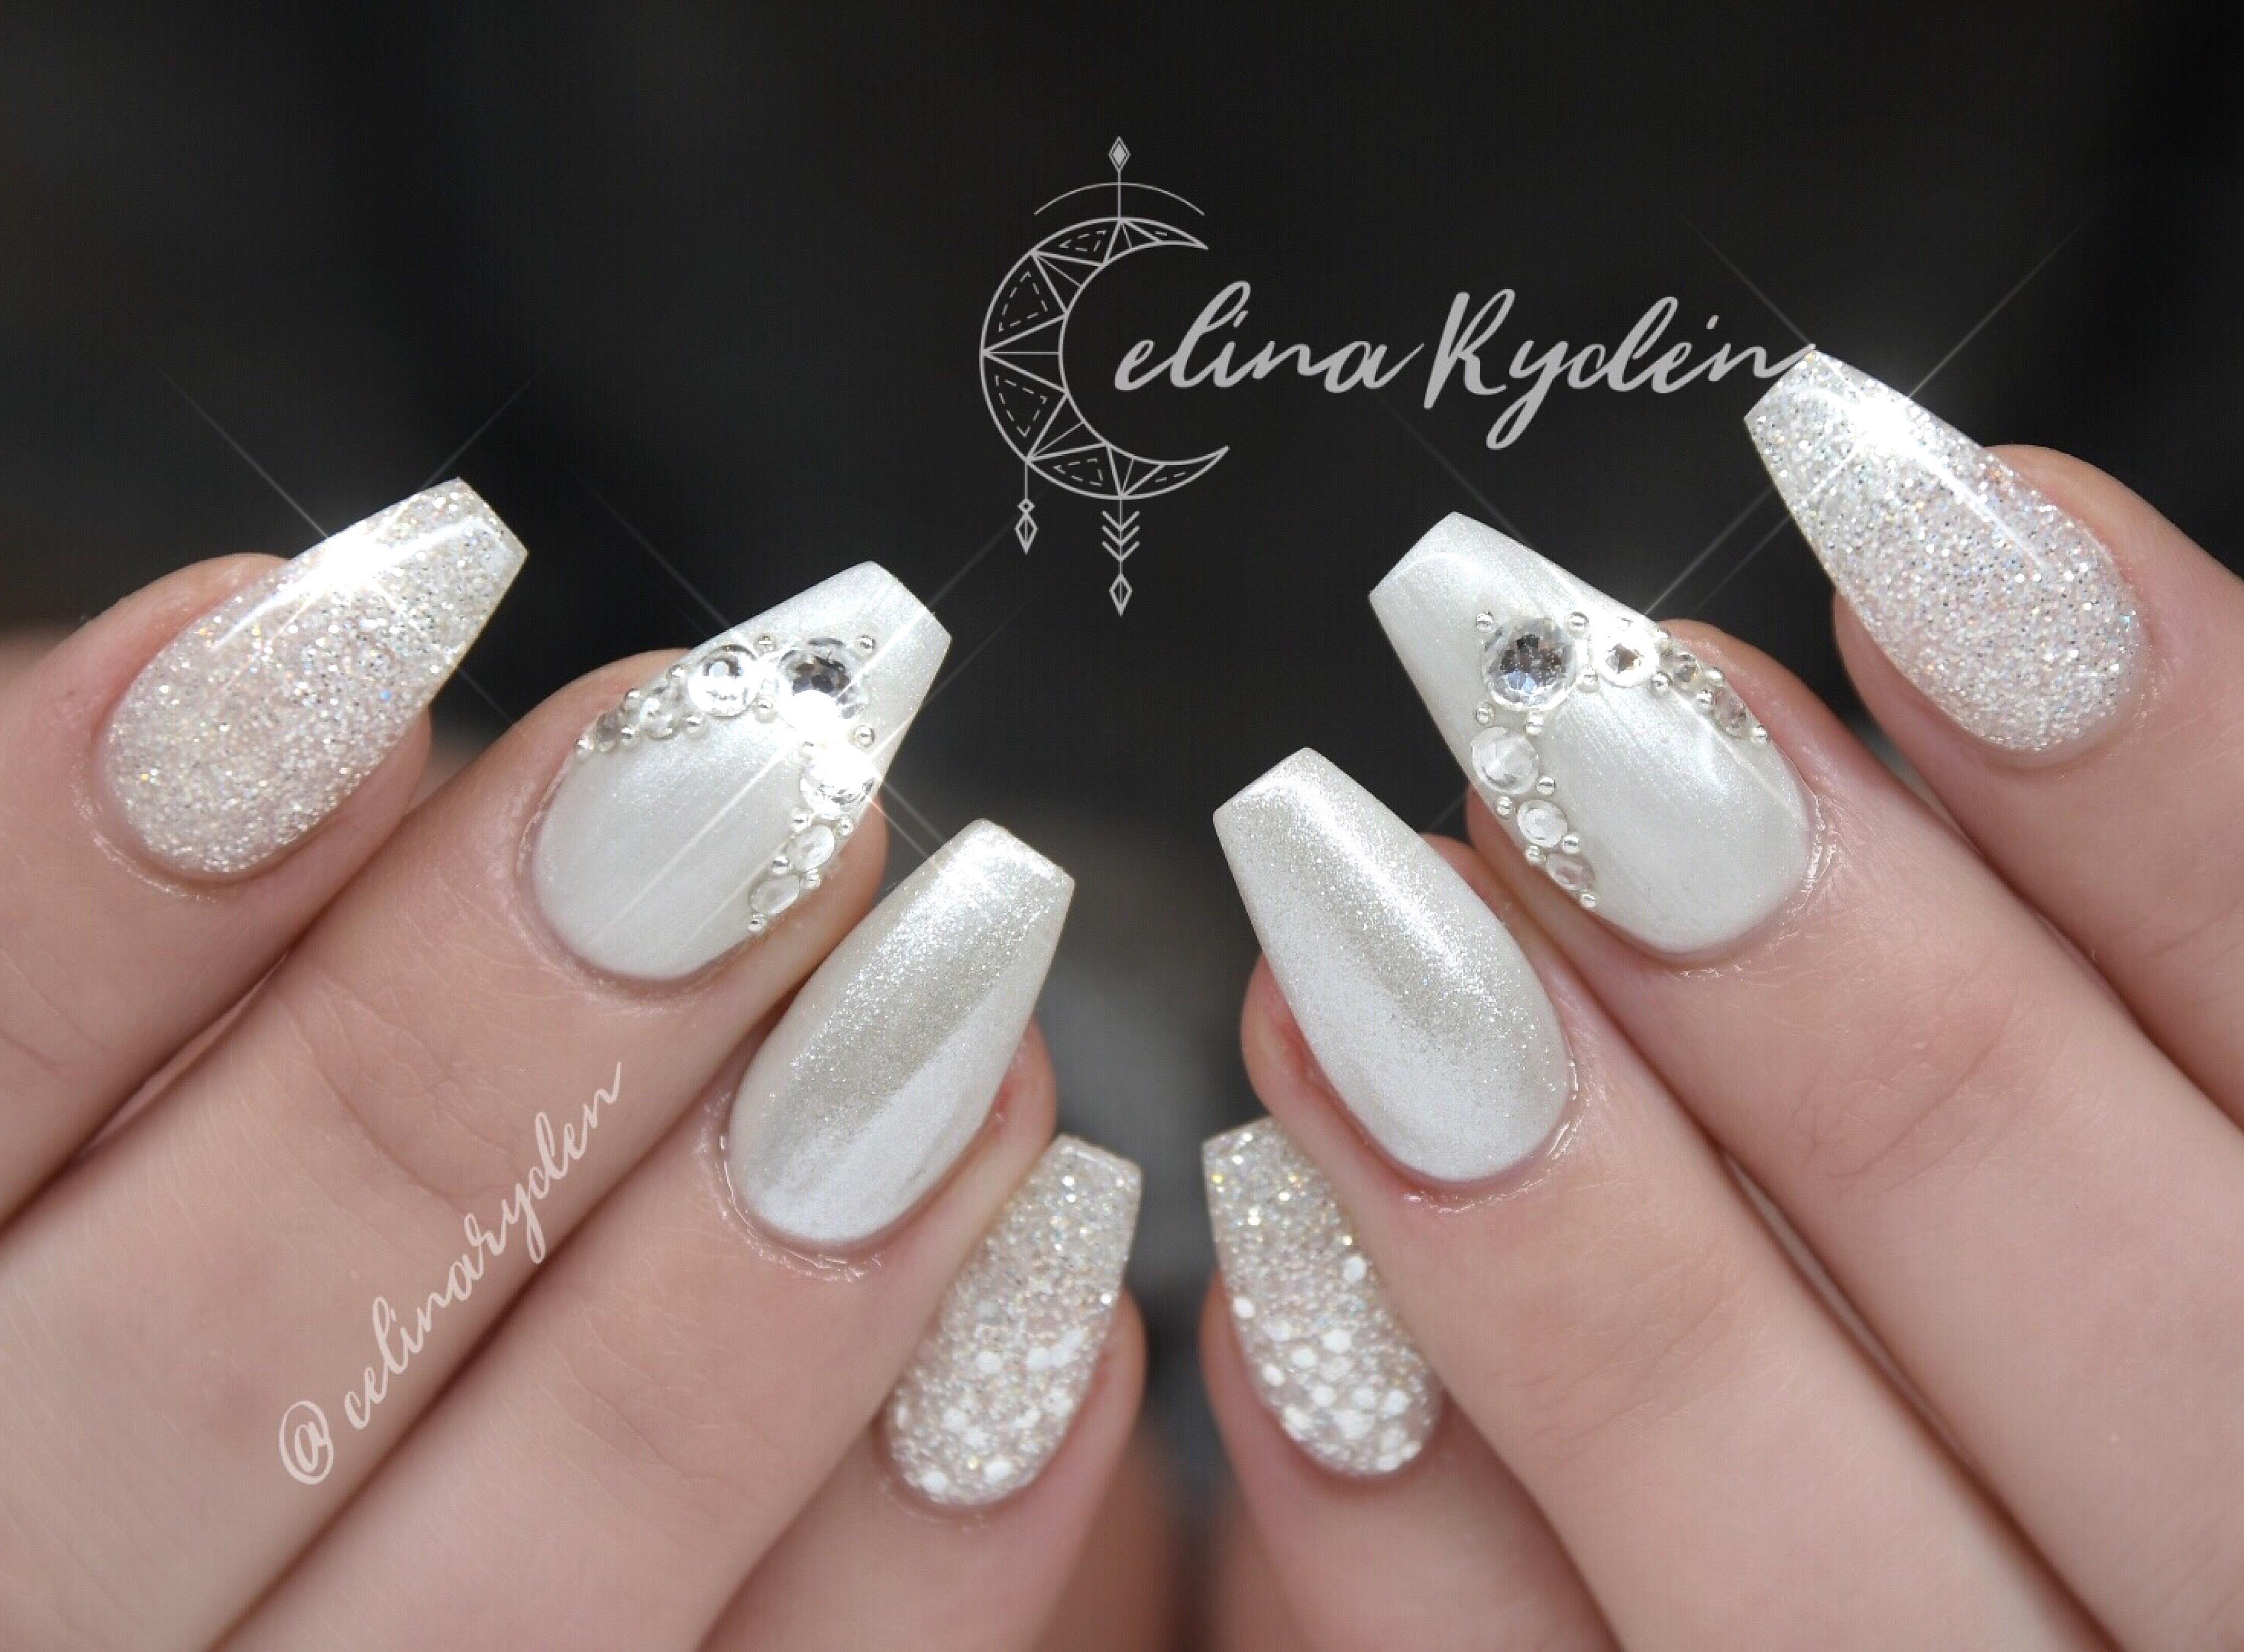 världens finaste naglar